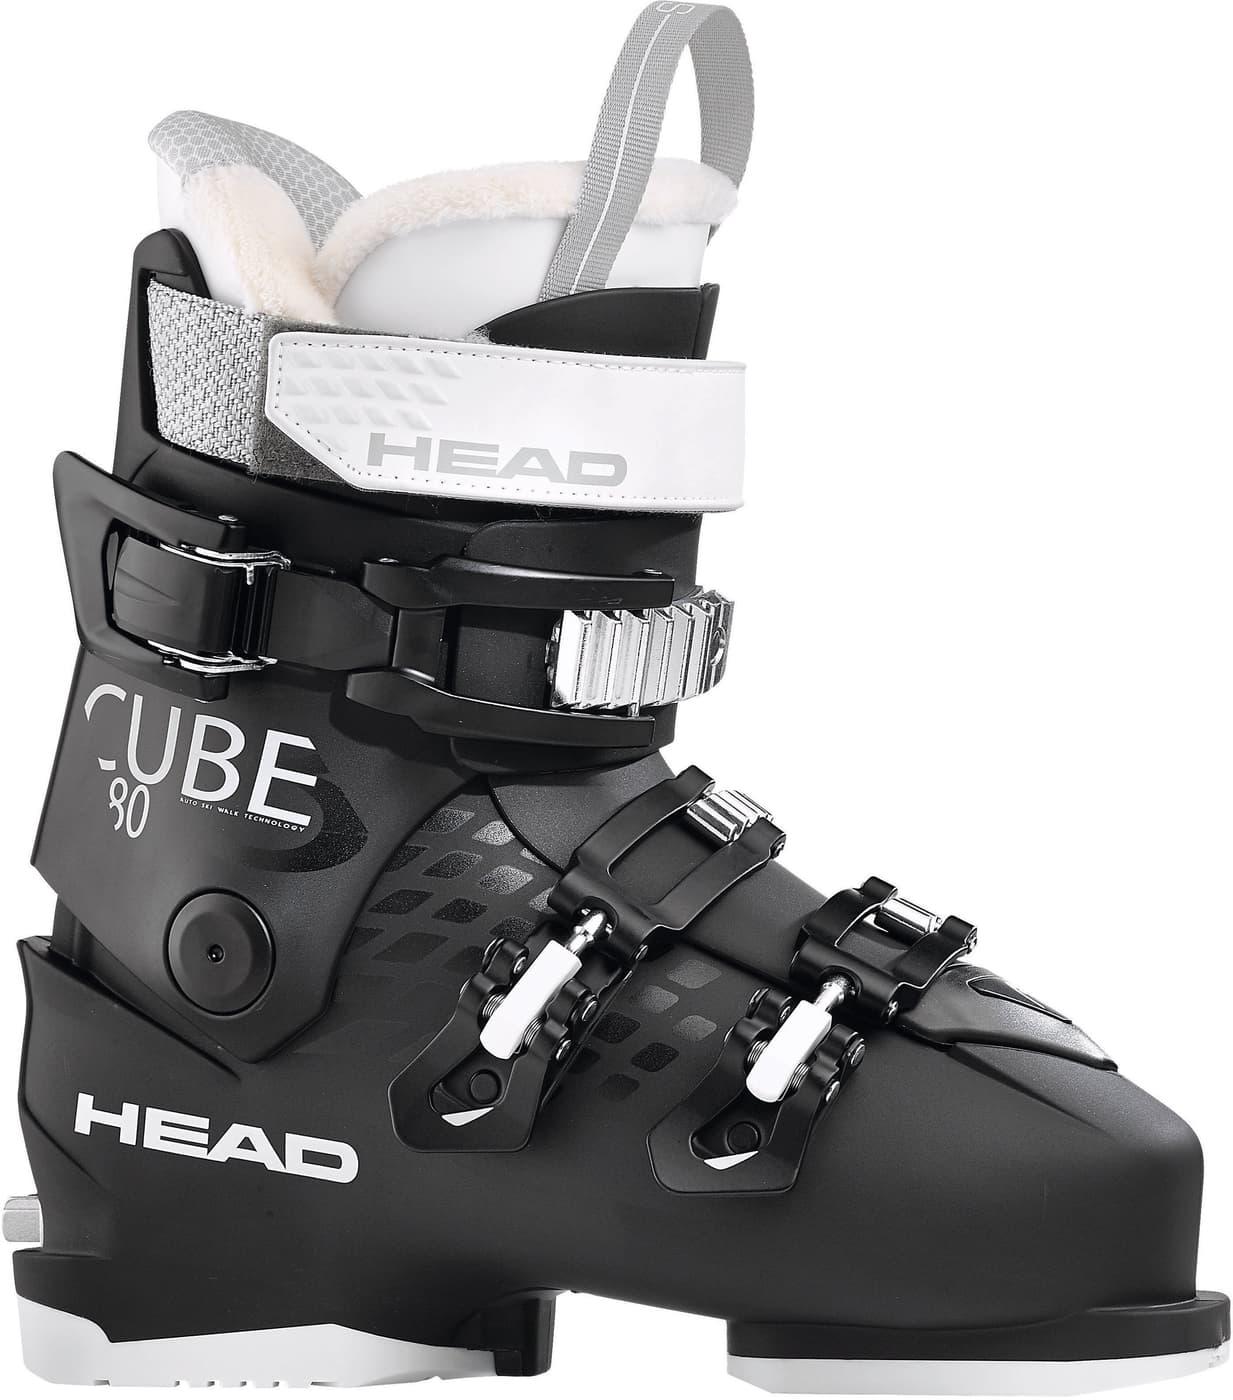 new product 61e13 8b068 Head Cube 3 80 Scarpone da sci da donna